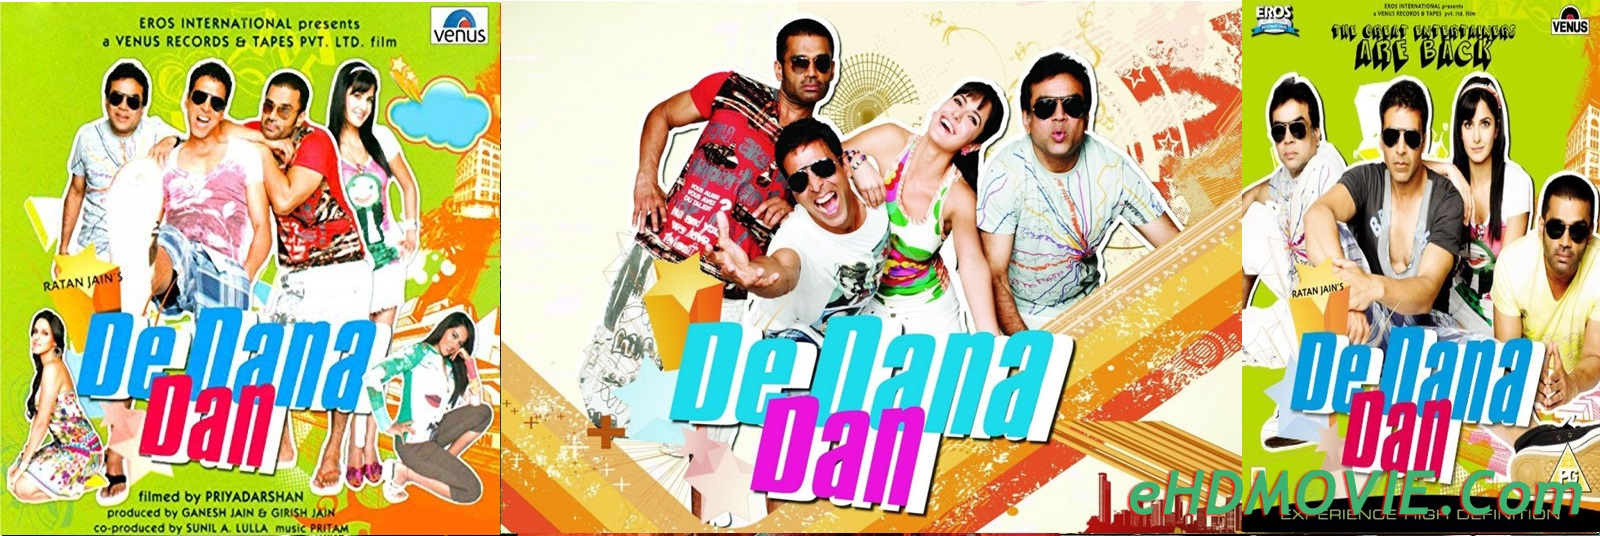 De Dana Dan 2009 Full Movie Hindi 720p – 480p ORG BRRip 500MB – 900MB - 1.7GB ESubs Free Download